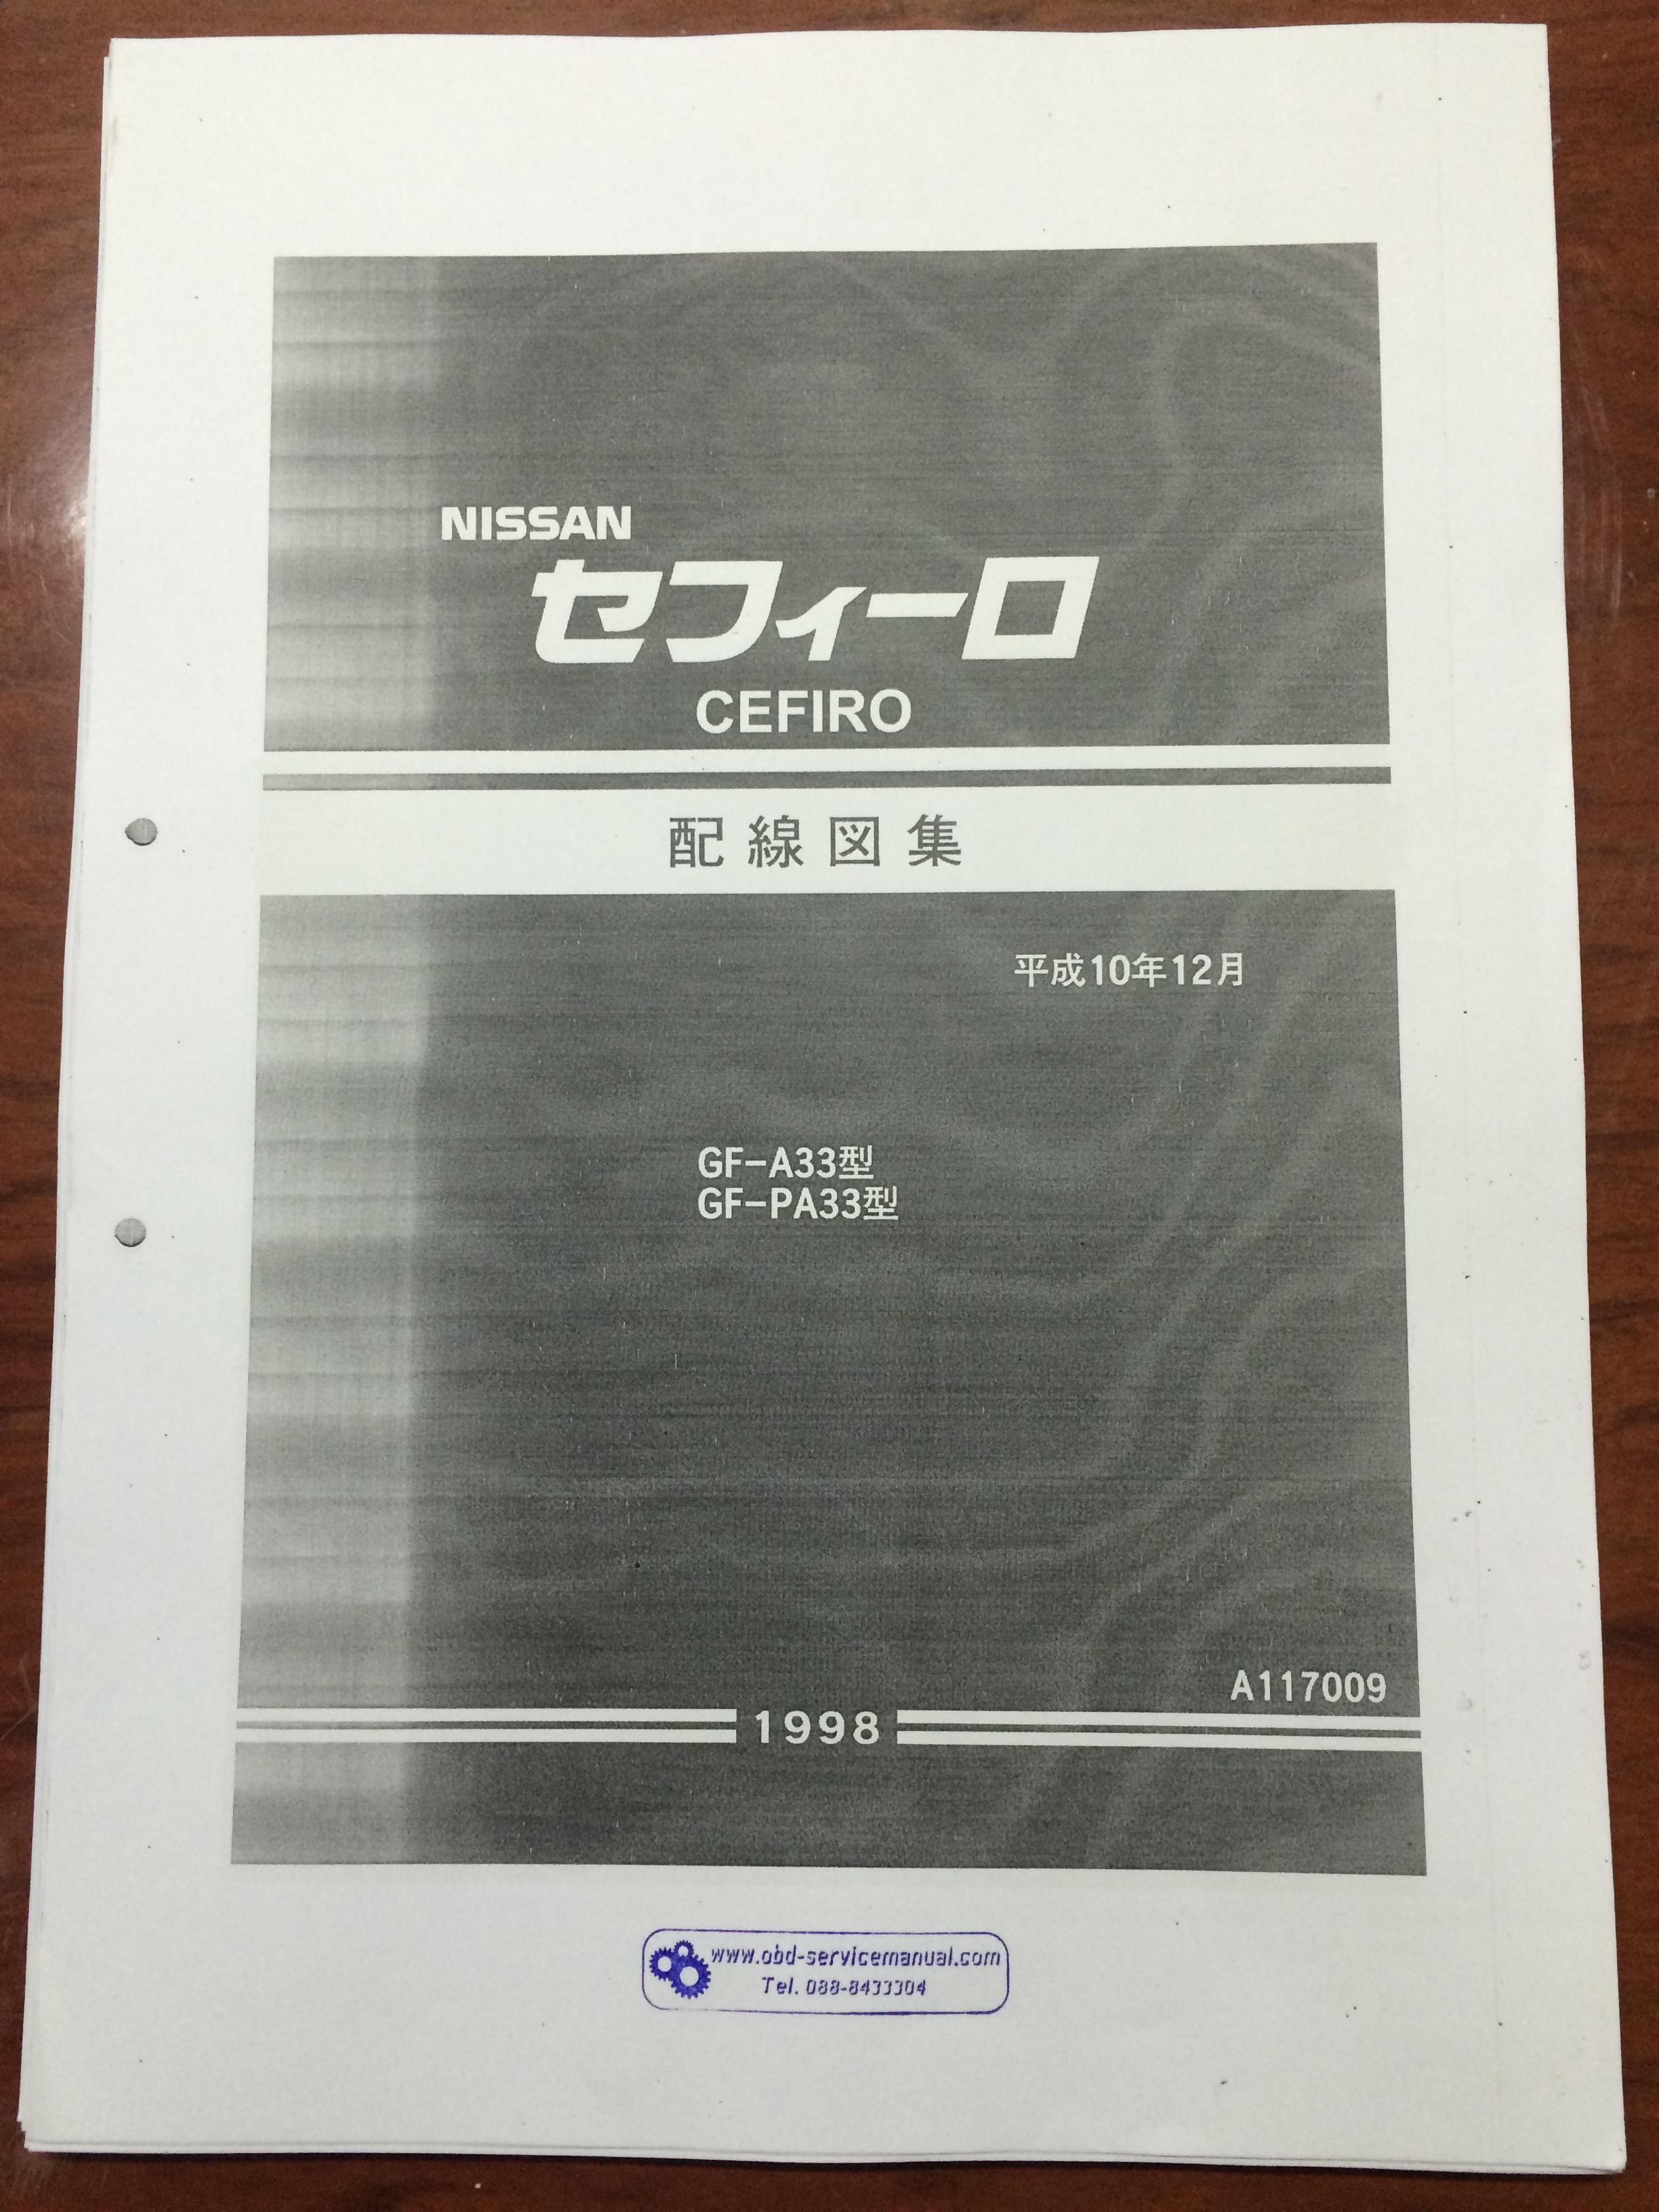 หนังสือ วงจรไฟฟ้า (Wiring Diaram) รถยนต์ Nissan Cefiro A33 (nissan sunny neo) ปี 1998-2001